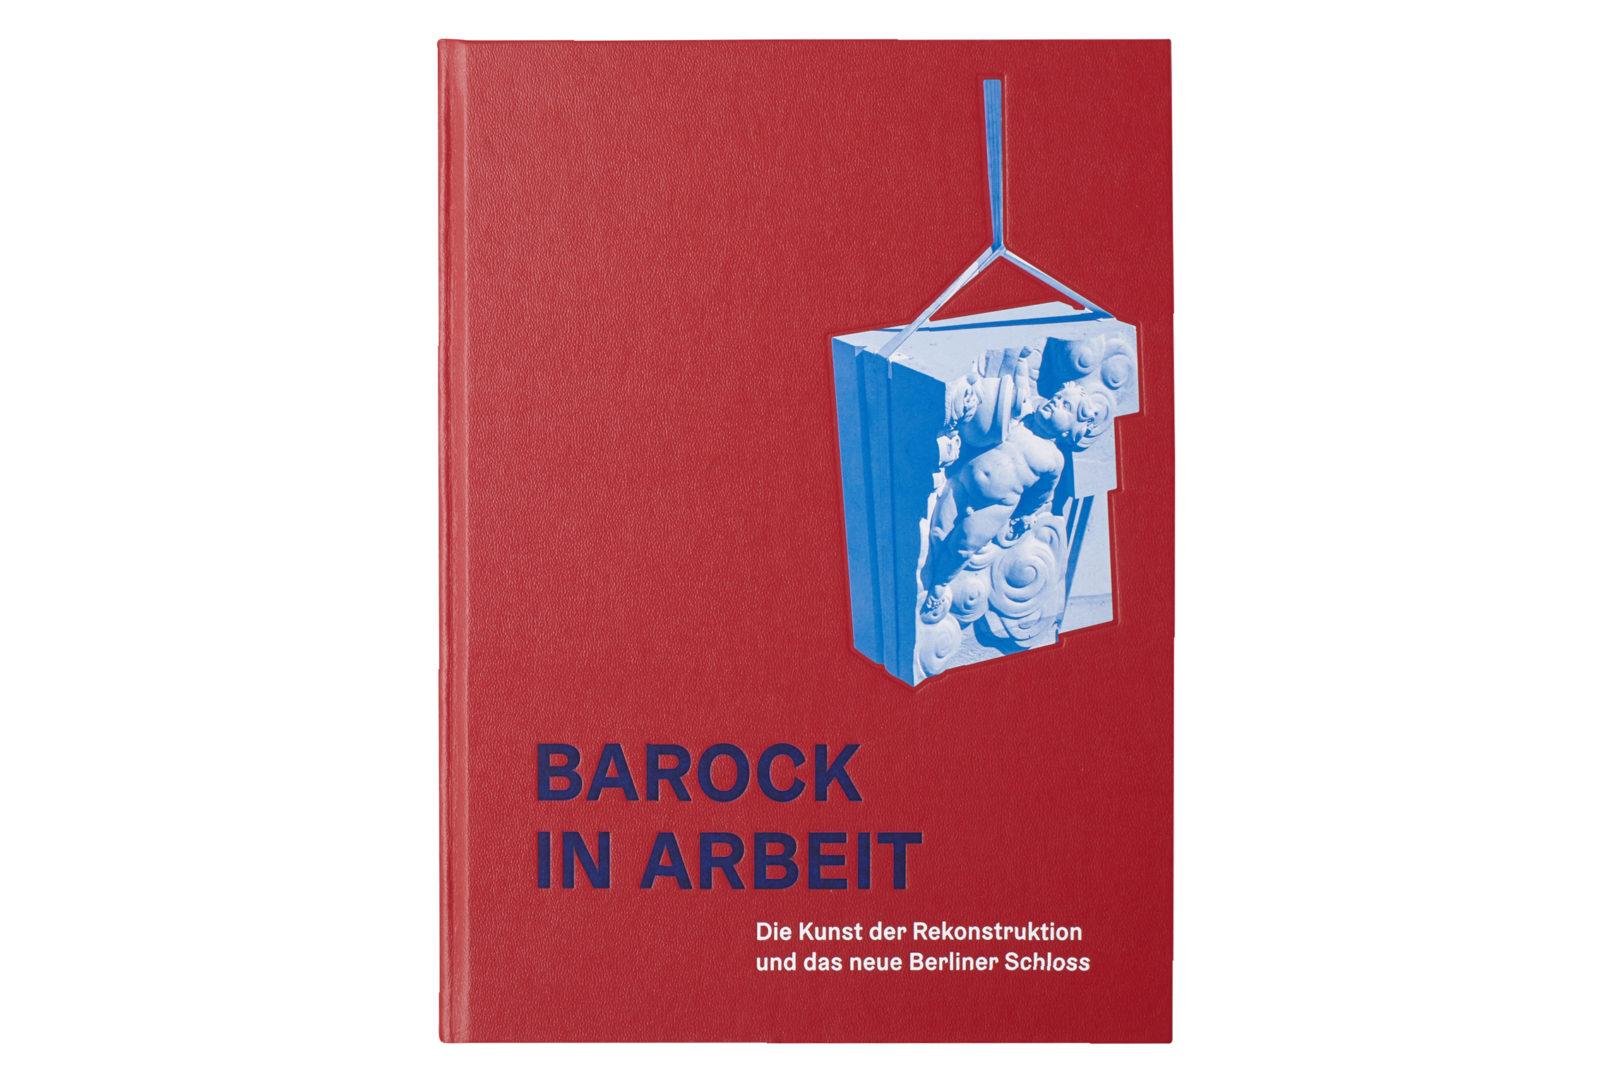 http://e-o-t.de/wordpress/wp-content/uploads/2018/07/eot-2017-Barock-Book-14.jpg